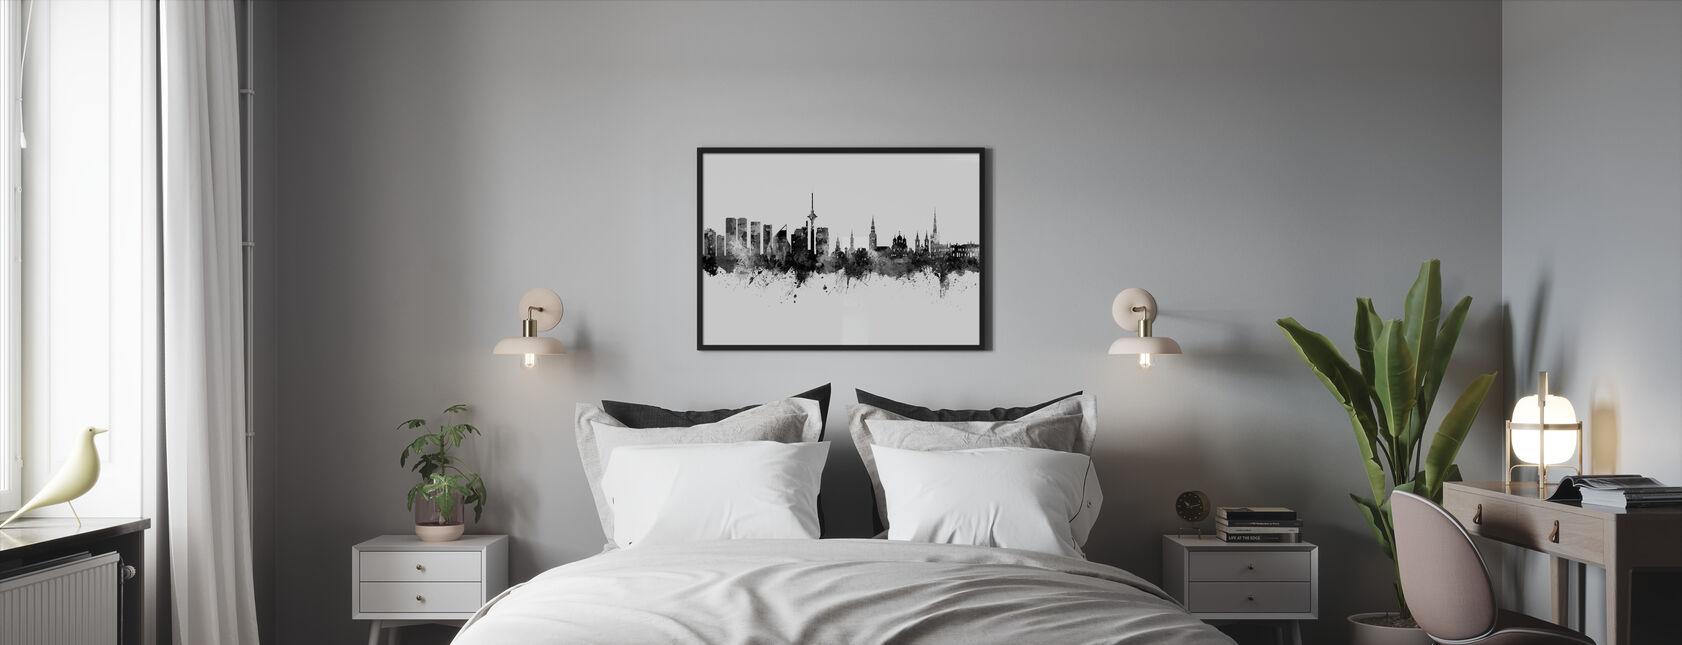 Tallinn Estonia Skyline - Framed print - Bedroom